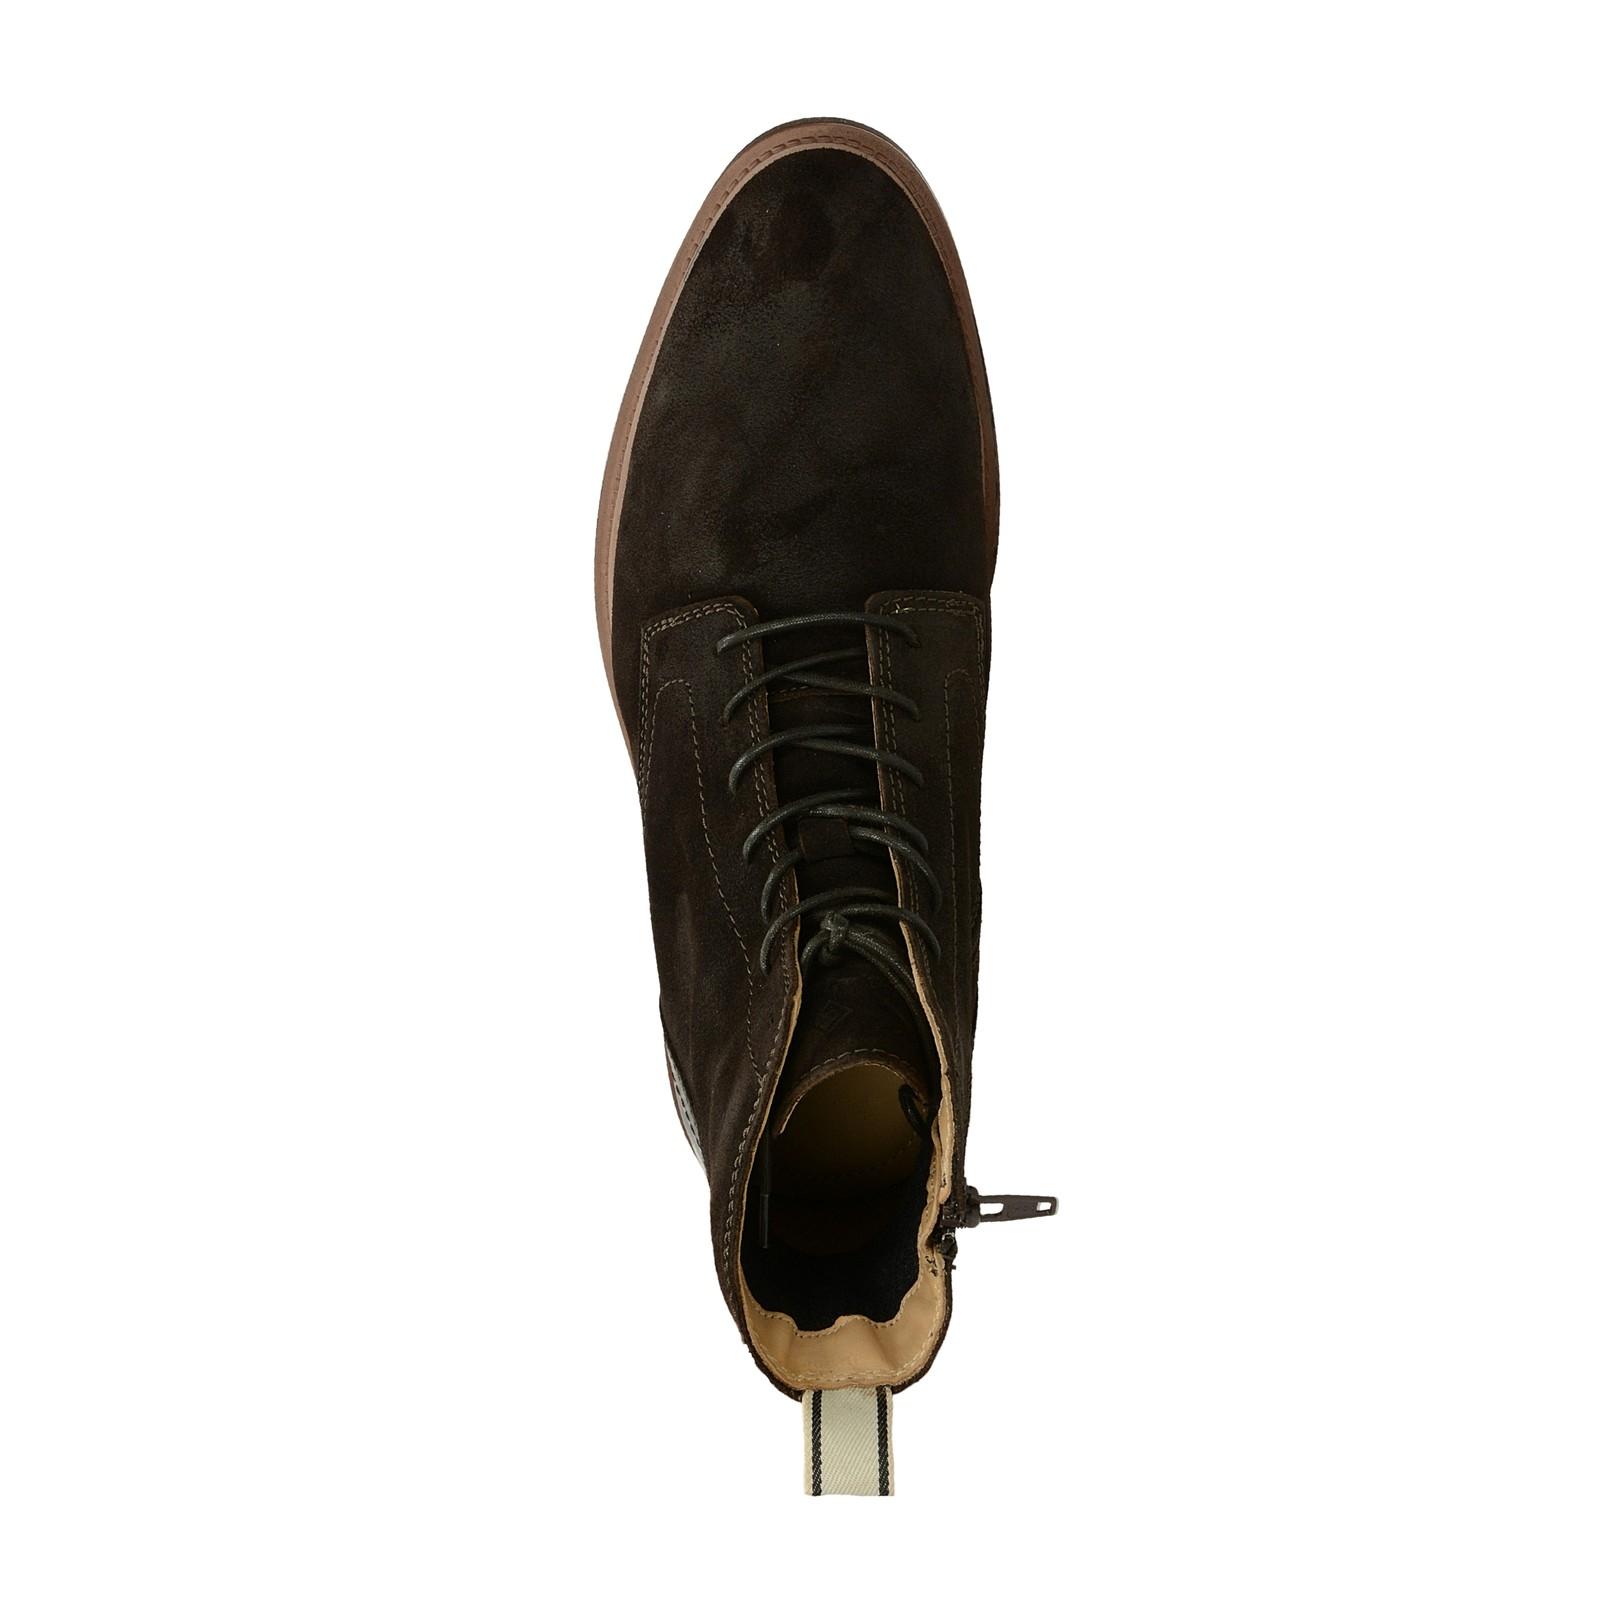 Gant pánska semišová členková obuv - tmavohnedá ... 1221ba489e2